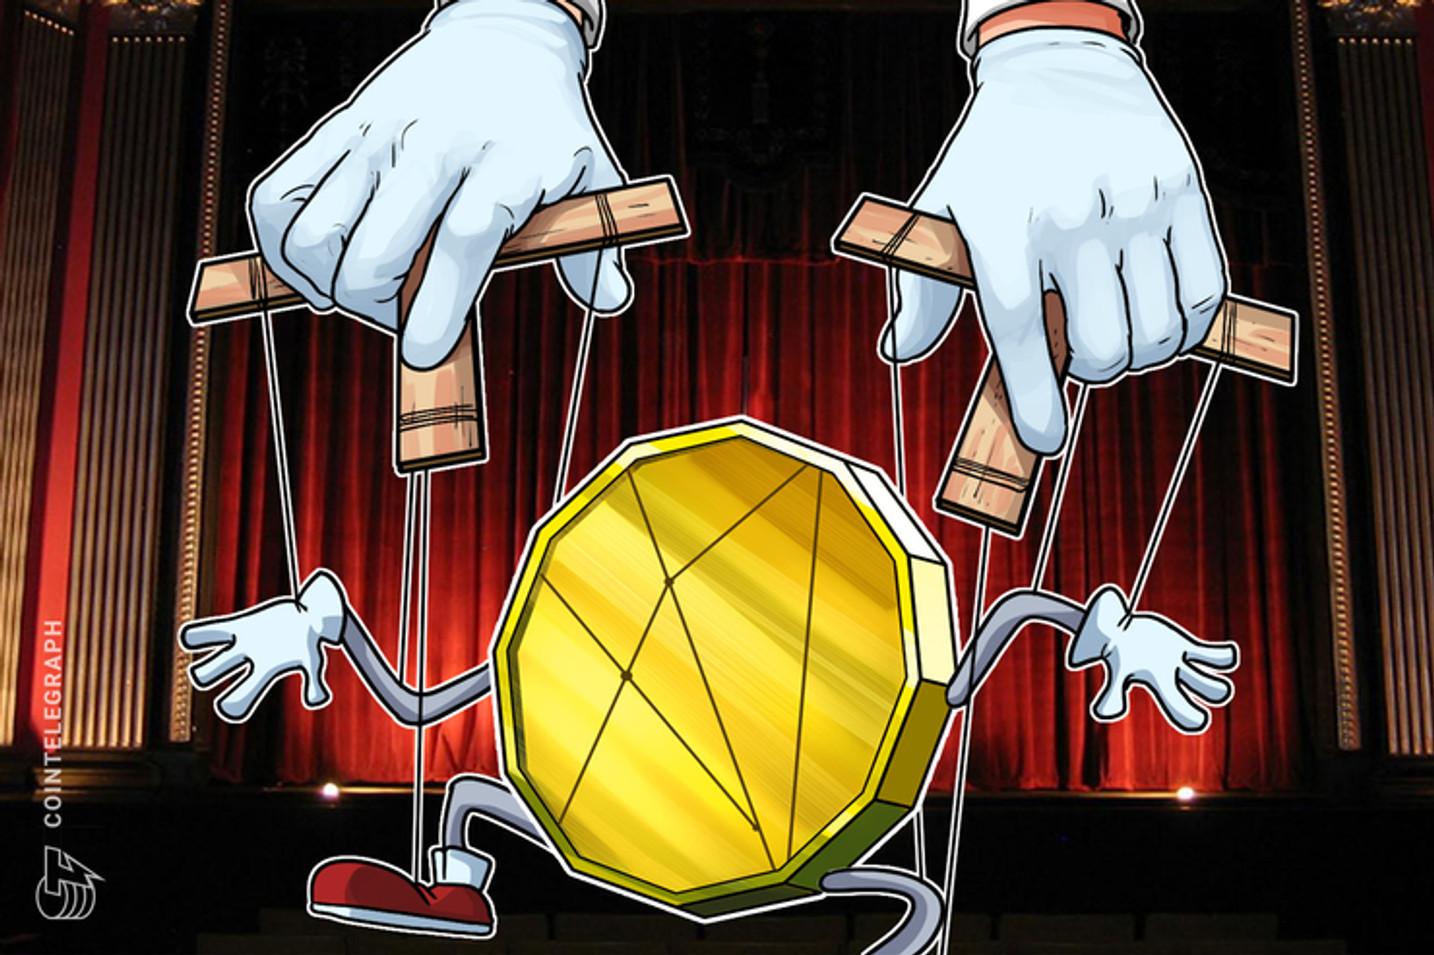 Los robinhood traders al ataque: ¿Ahora hay que comprar plata?